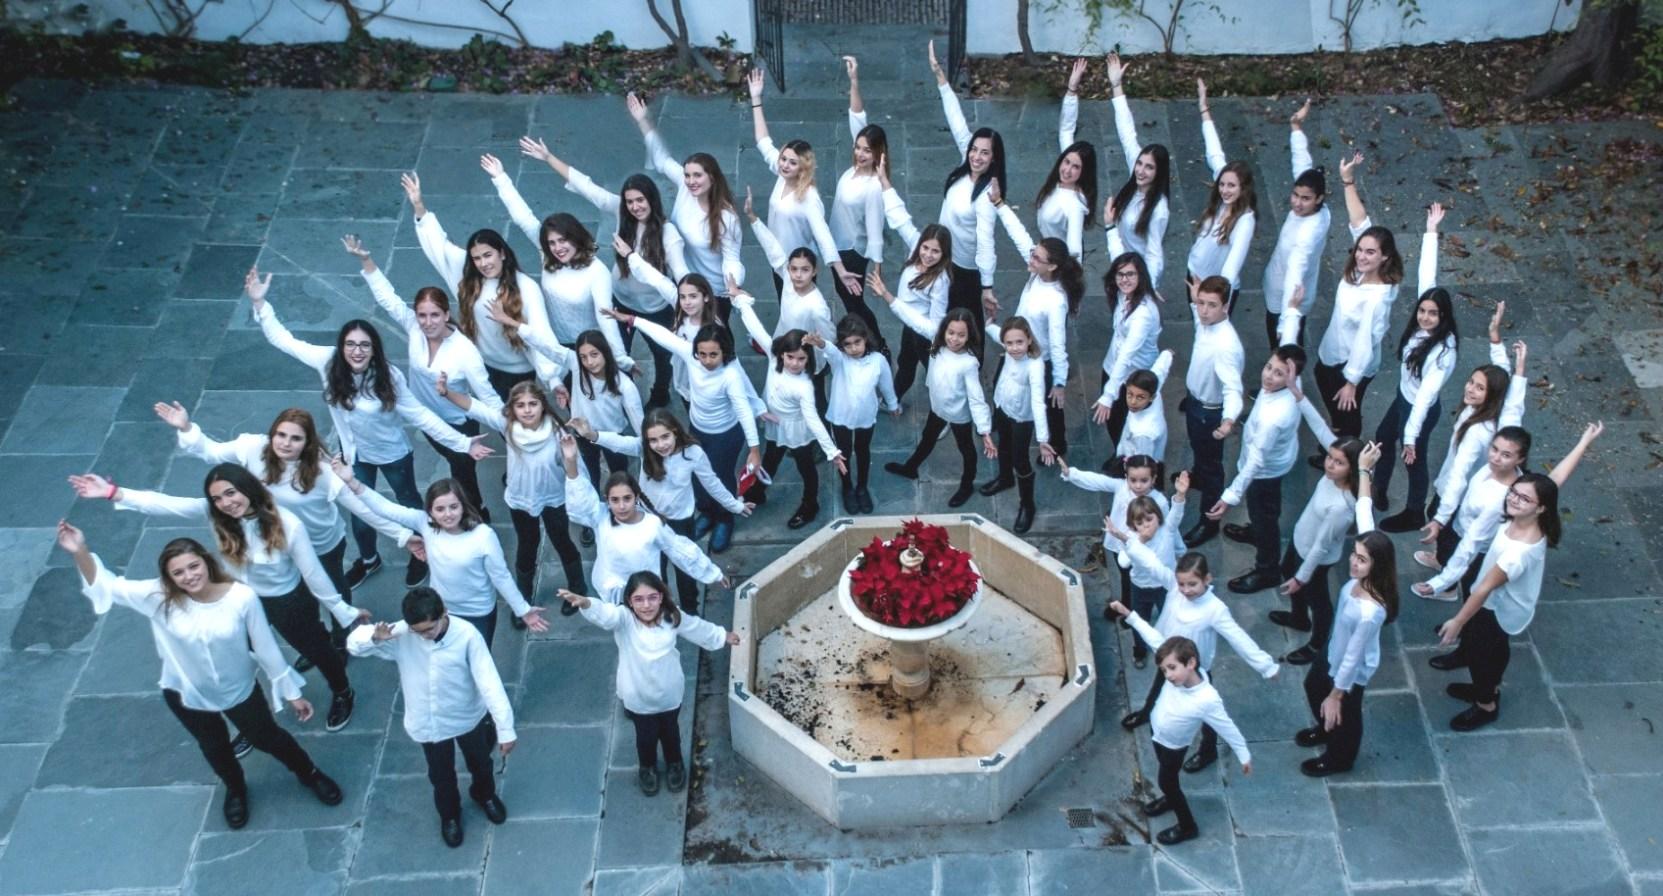 La Escolanía de Tomares actúa en 'El Cascanueces' de la Compañía Nacional de Danza que acoge El Maestranza